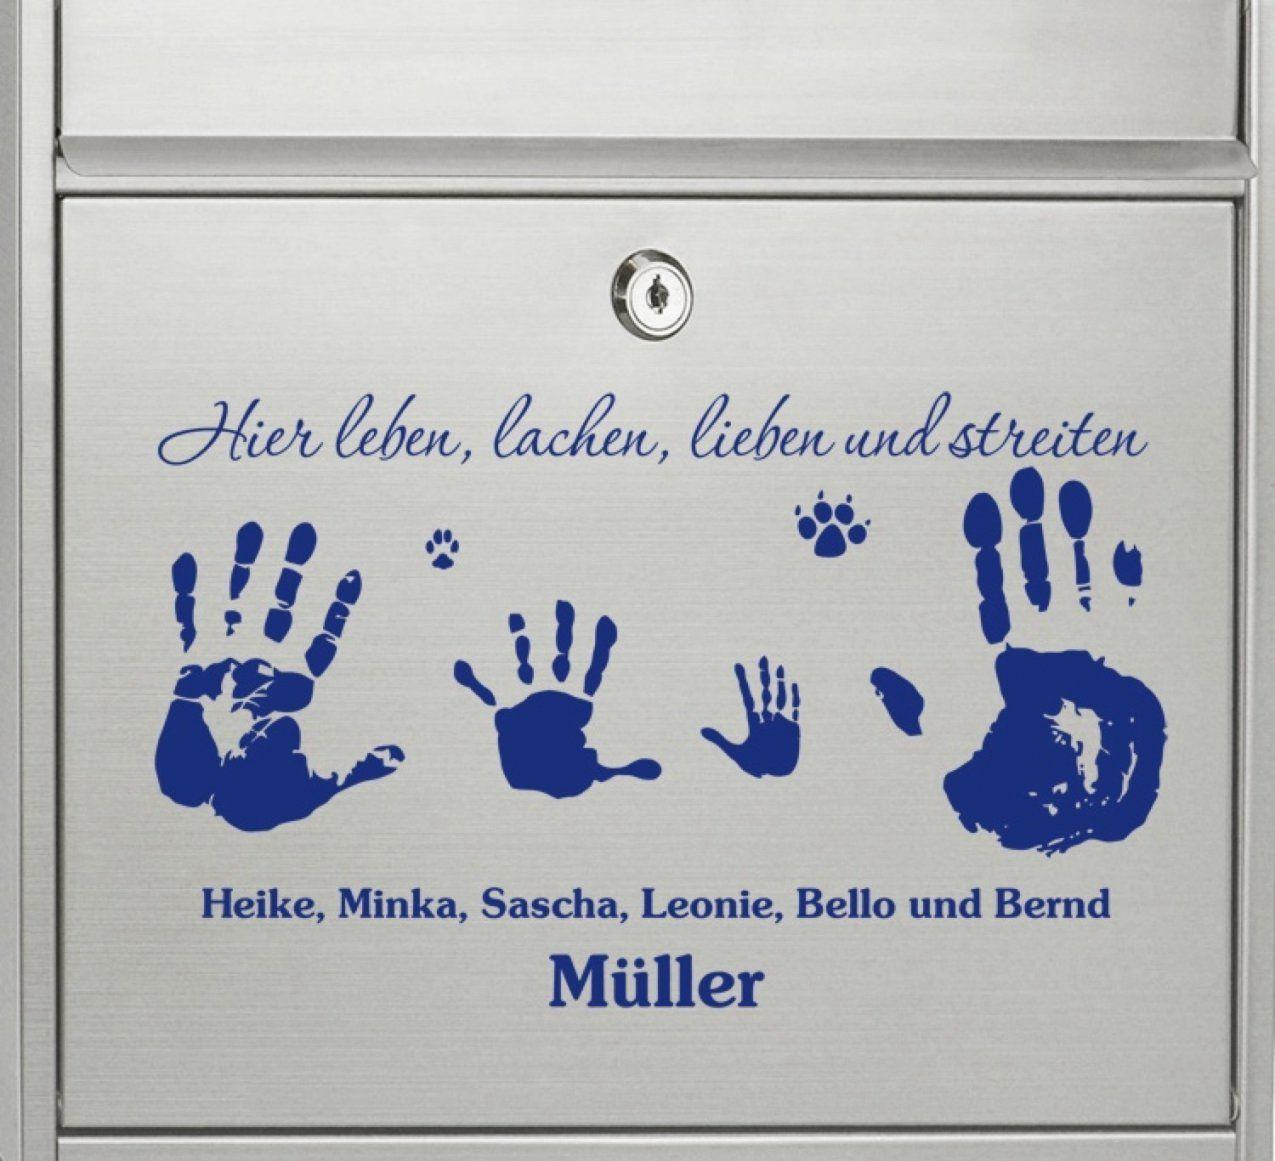 Wandtattoos Selber Machen Von Wandtattoo Selber Malen Vorlagen Bild